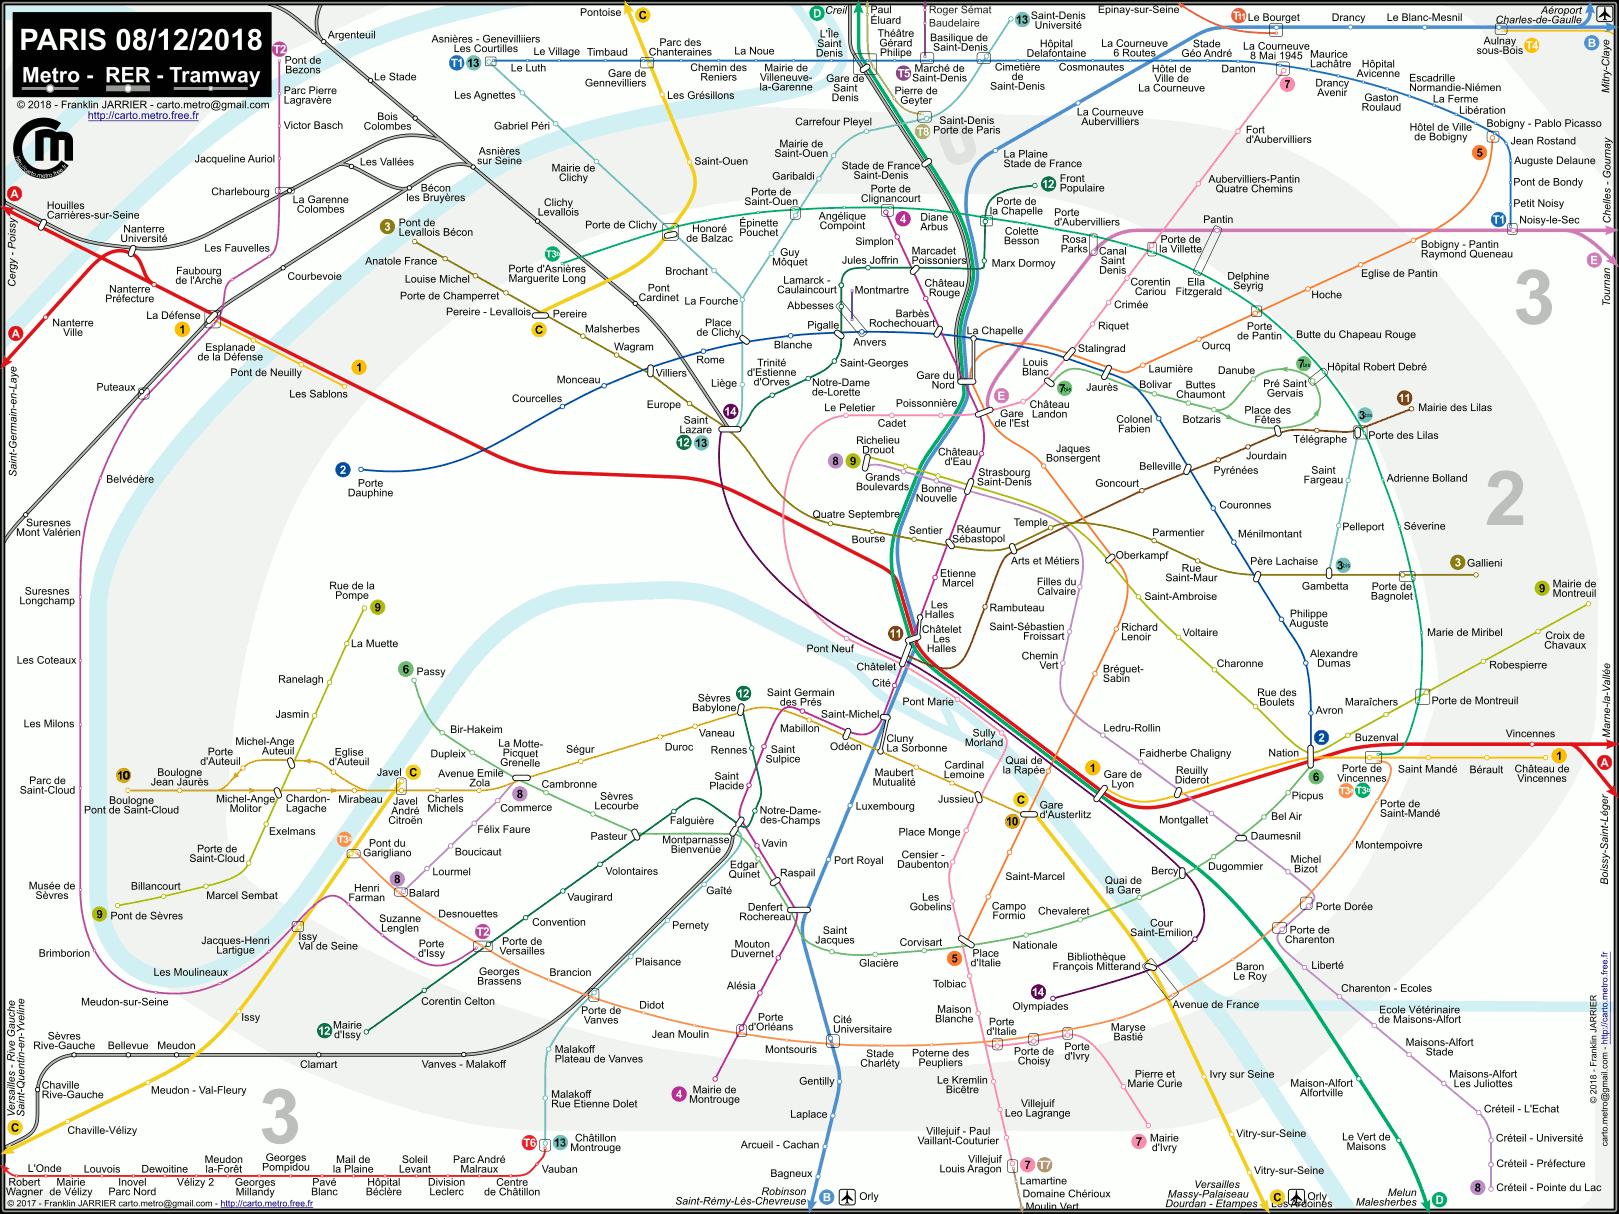 La Metro Map 2018.Plan Du Voyageur Metro Tram Rer